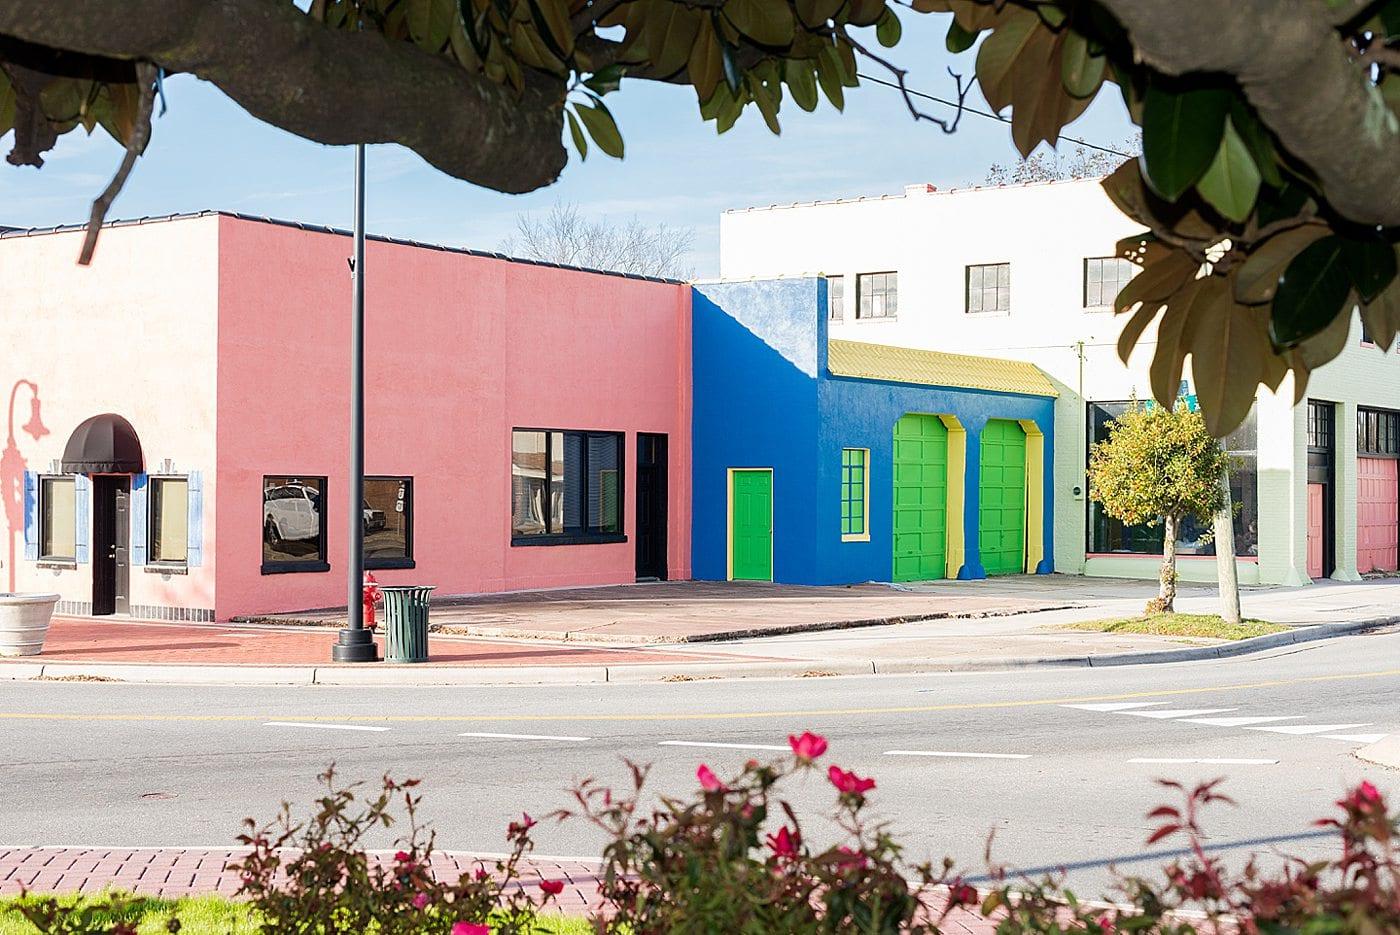 Colorful block of buildings in Goldsboro, NC